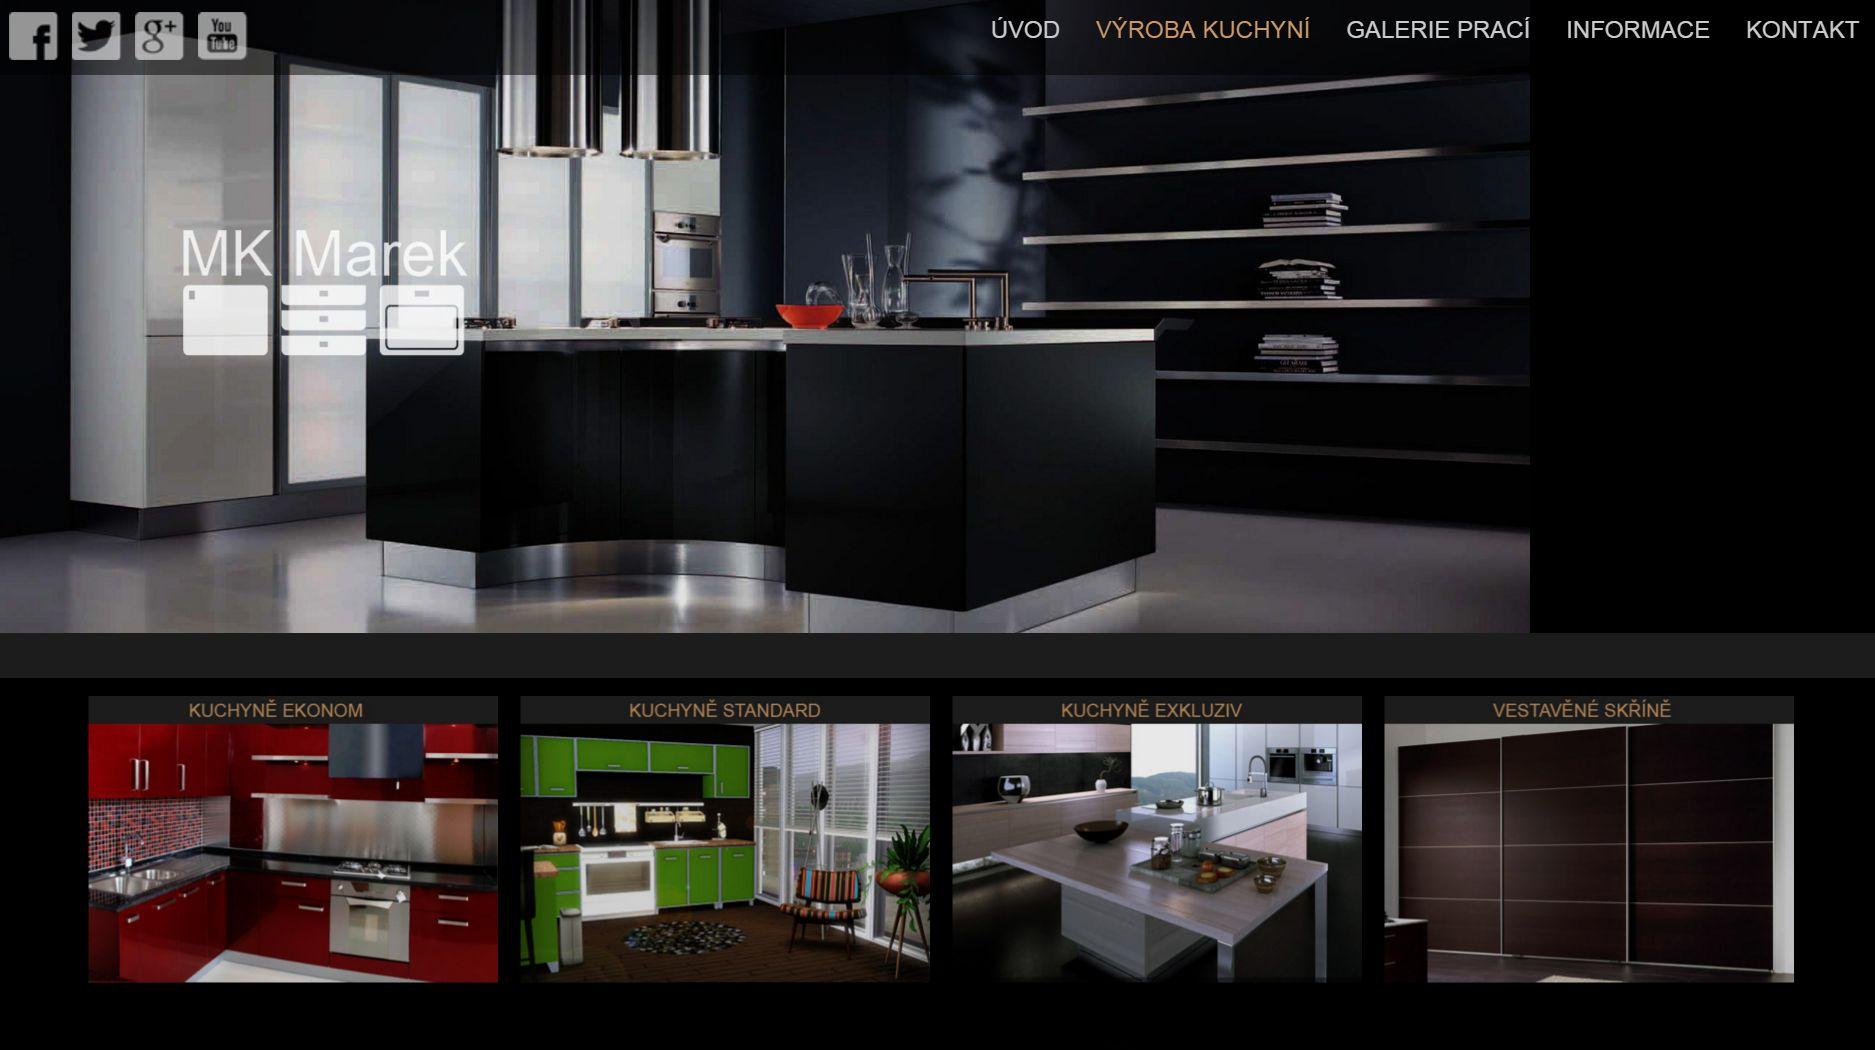 Výroba kuchyní - truhlářství MK Marek